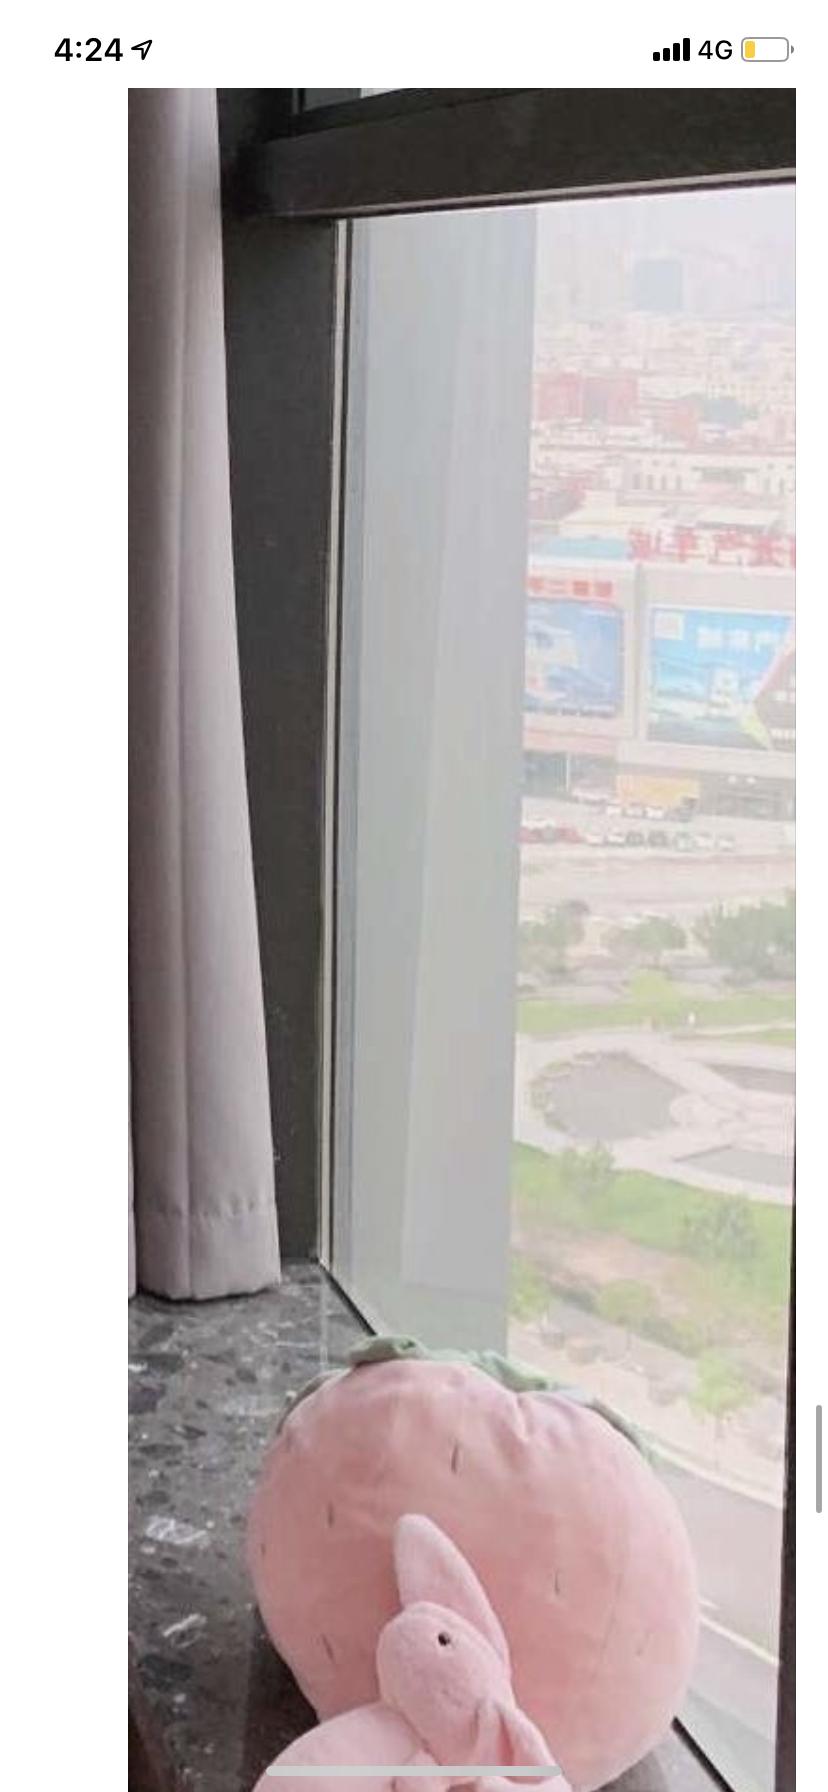 """福利姬""""快点亲亲我吖""""拍照秀美图被侦查破解住址!-sao-『游乐宫』Youlegong.com 第15张"""